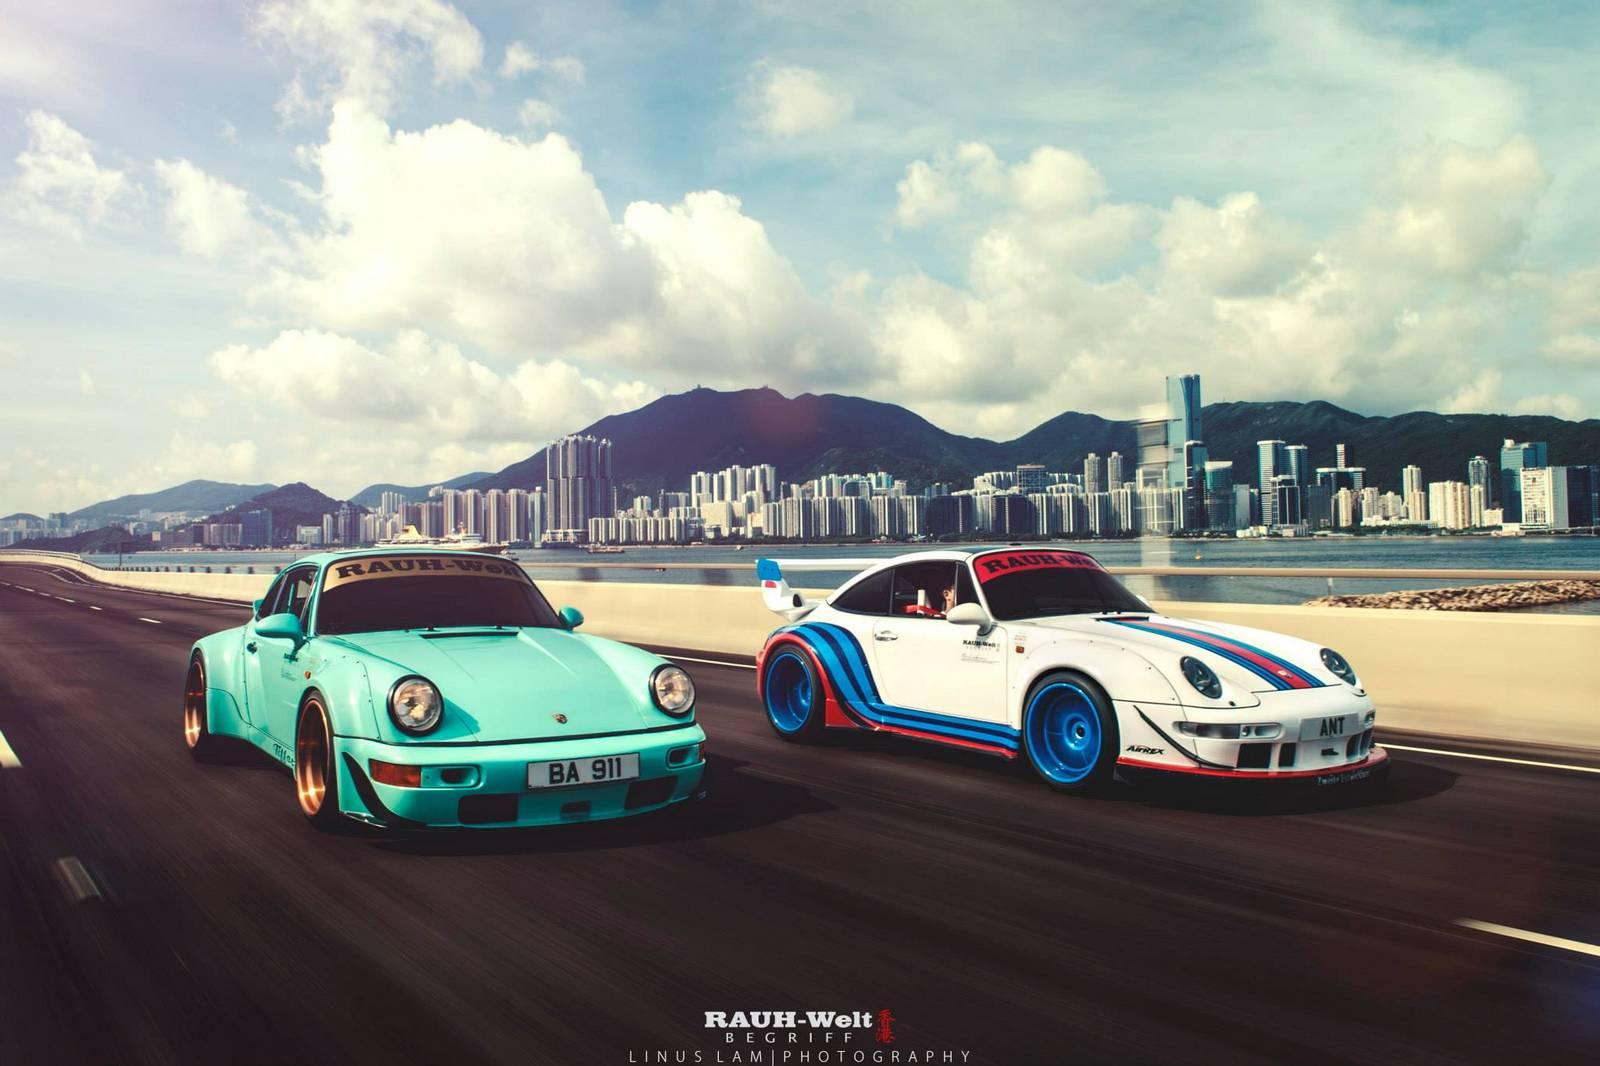 Photo Of The Day Double Rwb Porsche 911 In Hong Kong